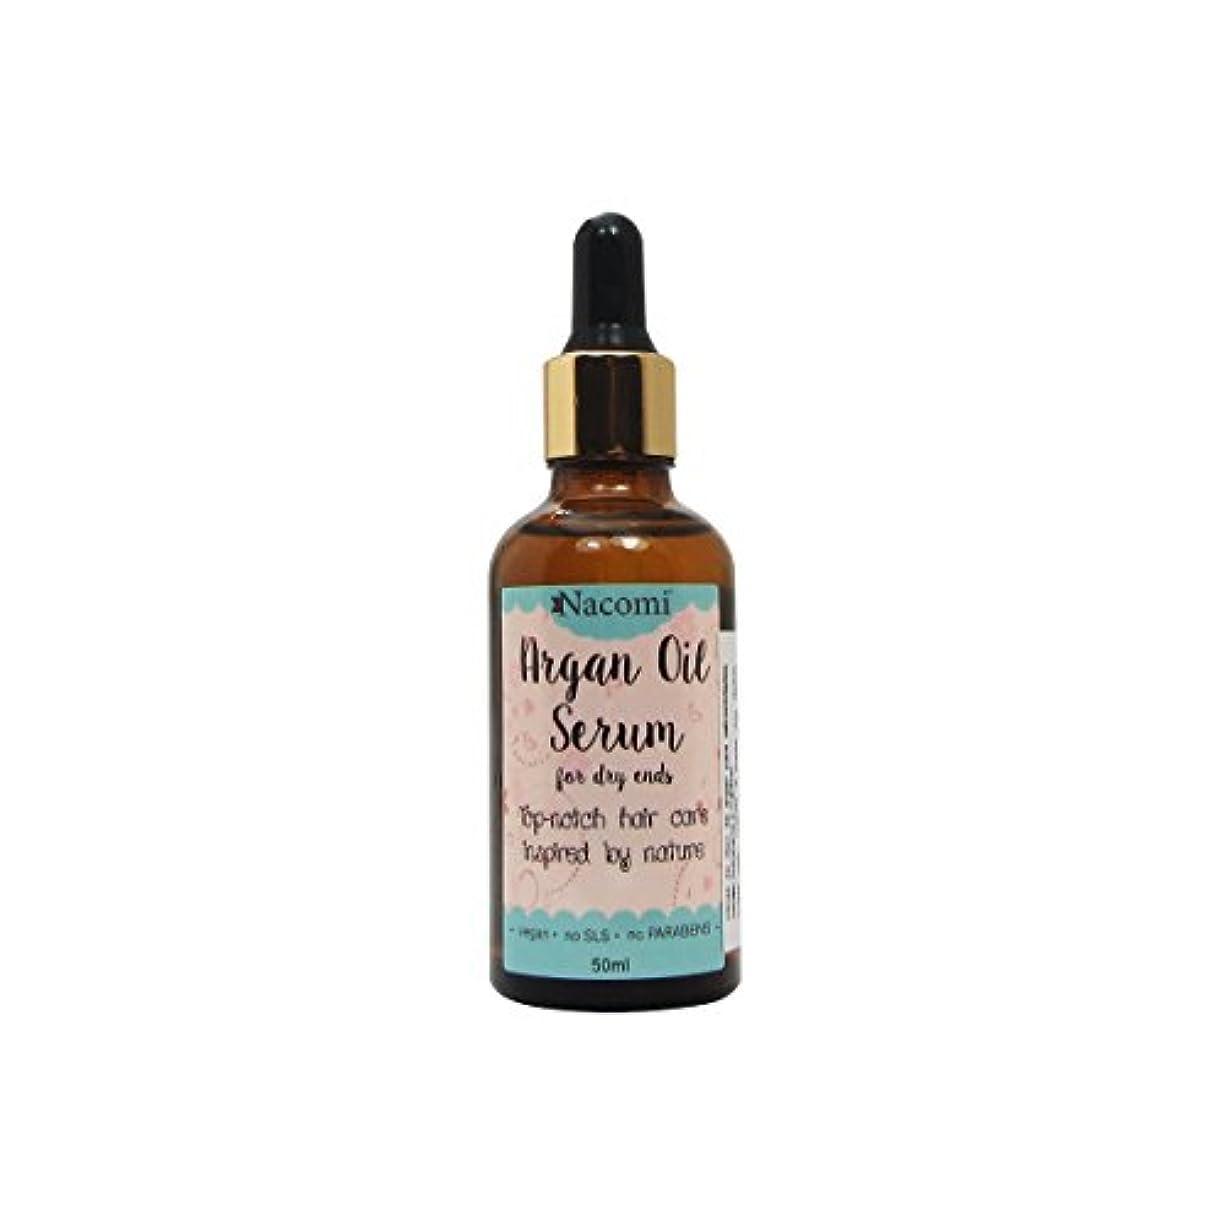 エイリアン崩壊意志に反するNacomi Argan Oil Serum 50ml [並行輸入品]